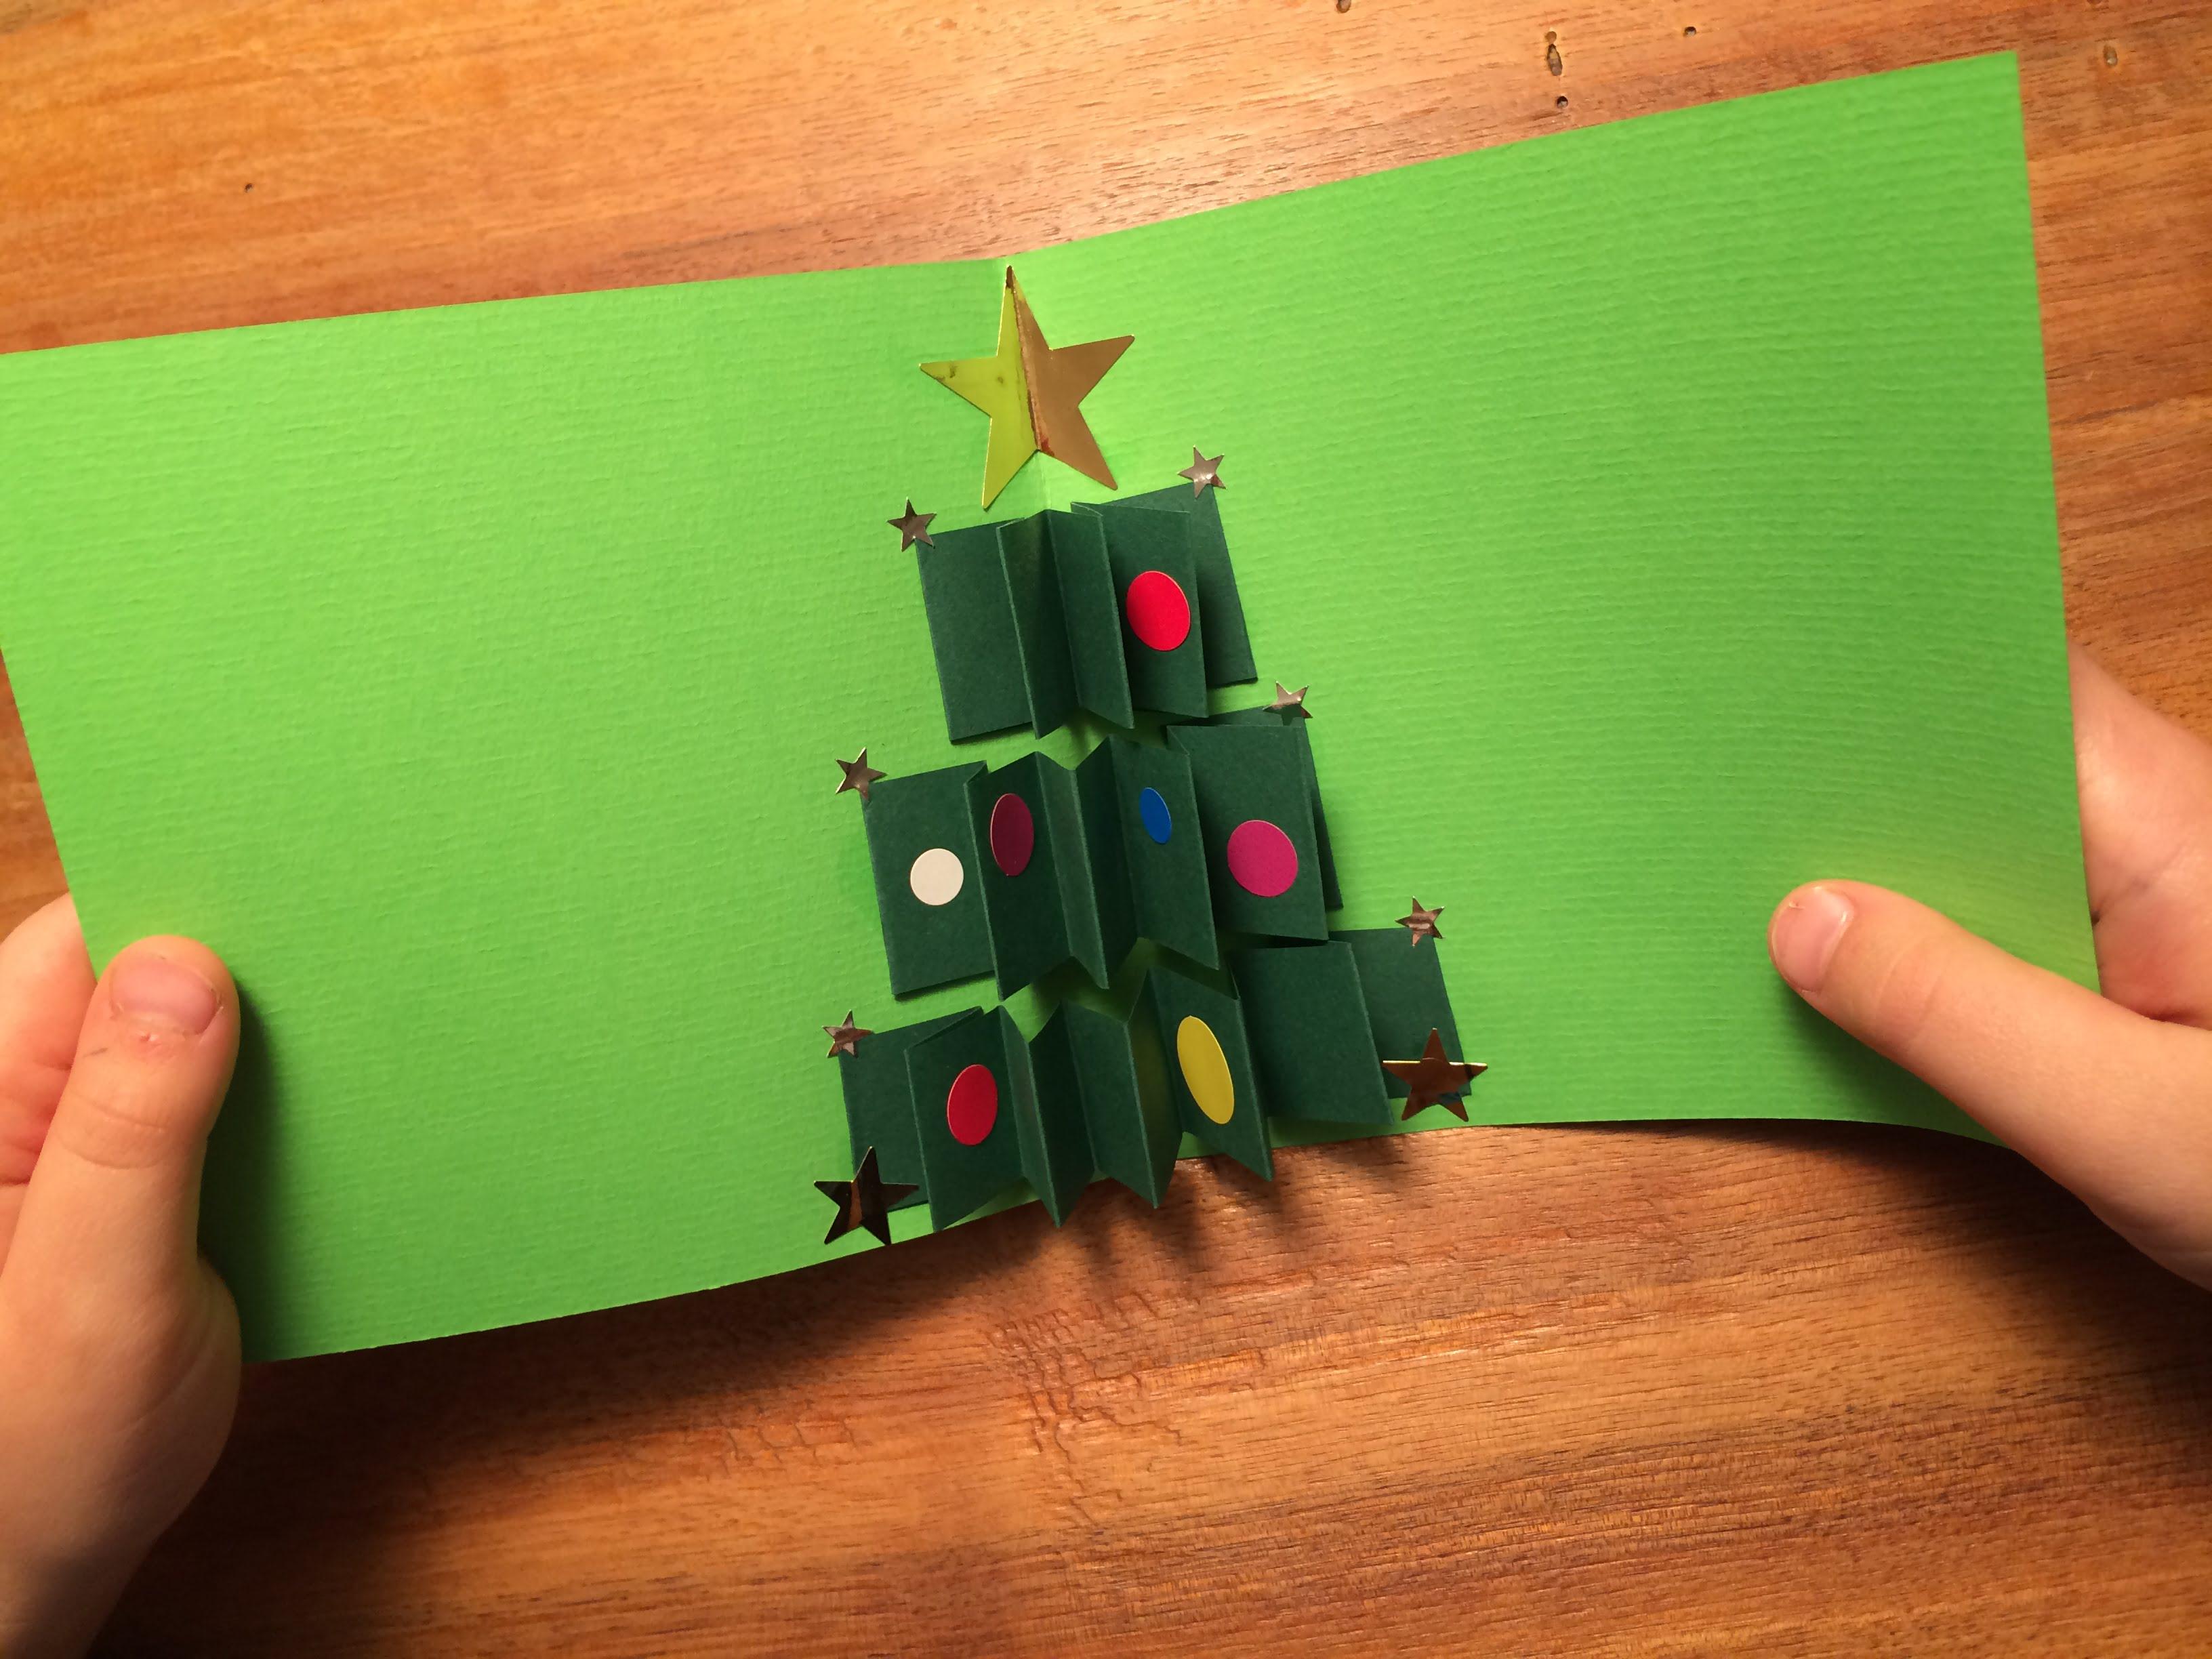 schreibt mal wieder weihnachtskarten selbst gemacht die. Black Bedroom Furniture Sets. Home Design Ideas